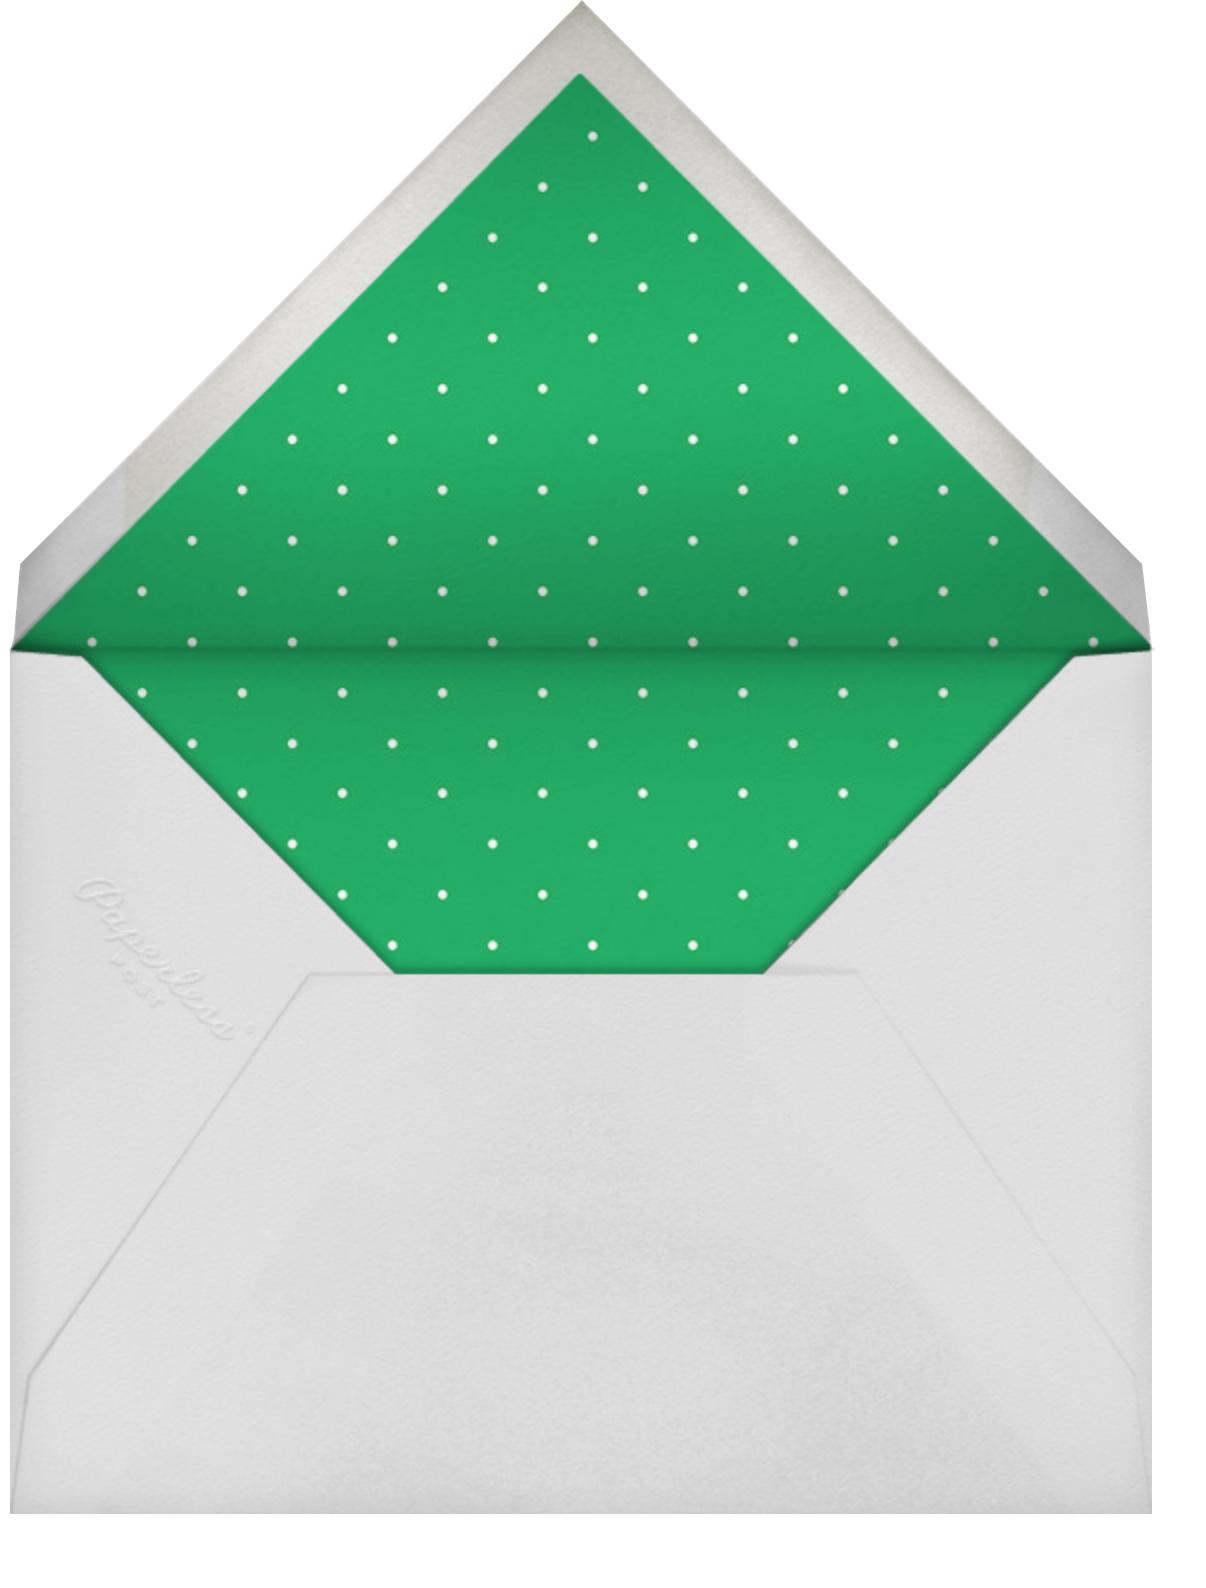 Little Miss Homemaker (Great Scot) - Mr. Boddington's Studio - Bridal shower - envelope back